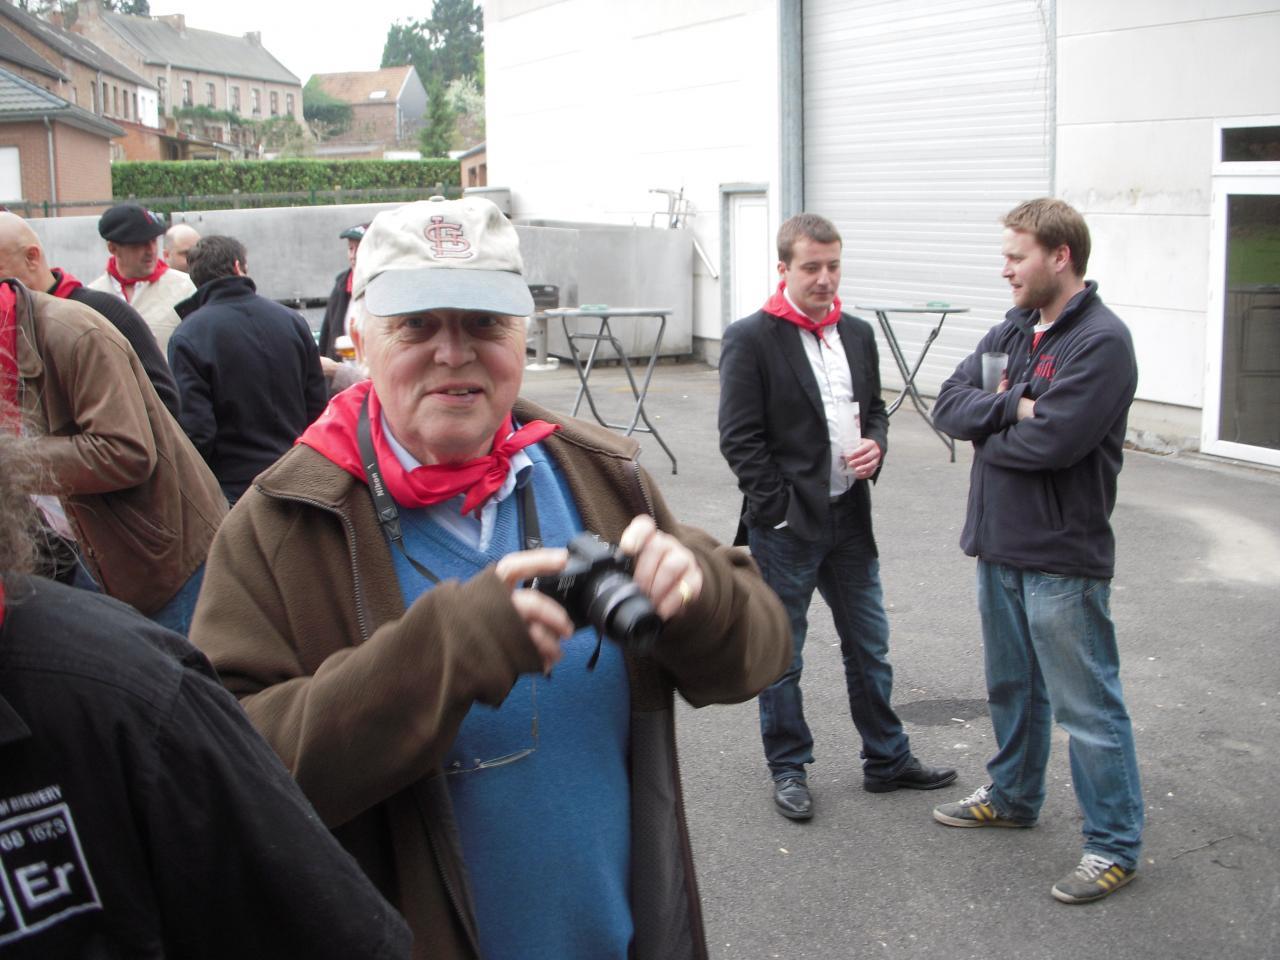 Mr Van Der Haegen